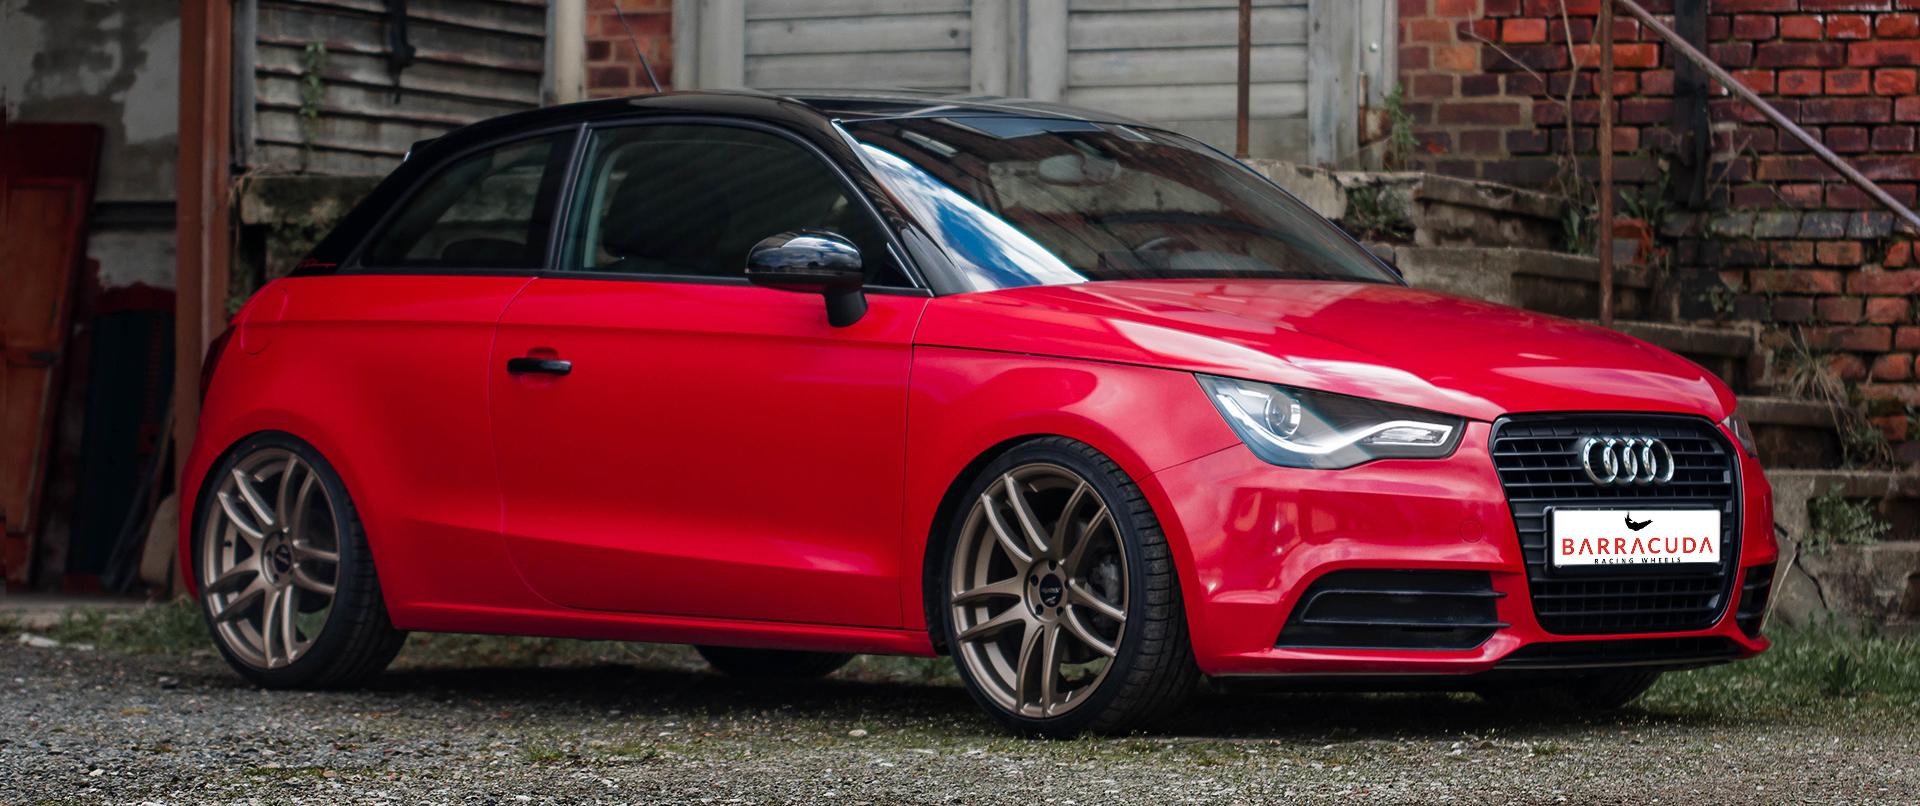 Audi – A1 – Rot – BARRACUDA – Shoxx – Bronze – 18 Zoll